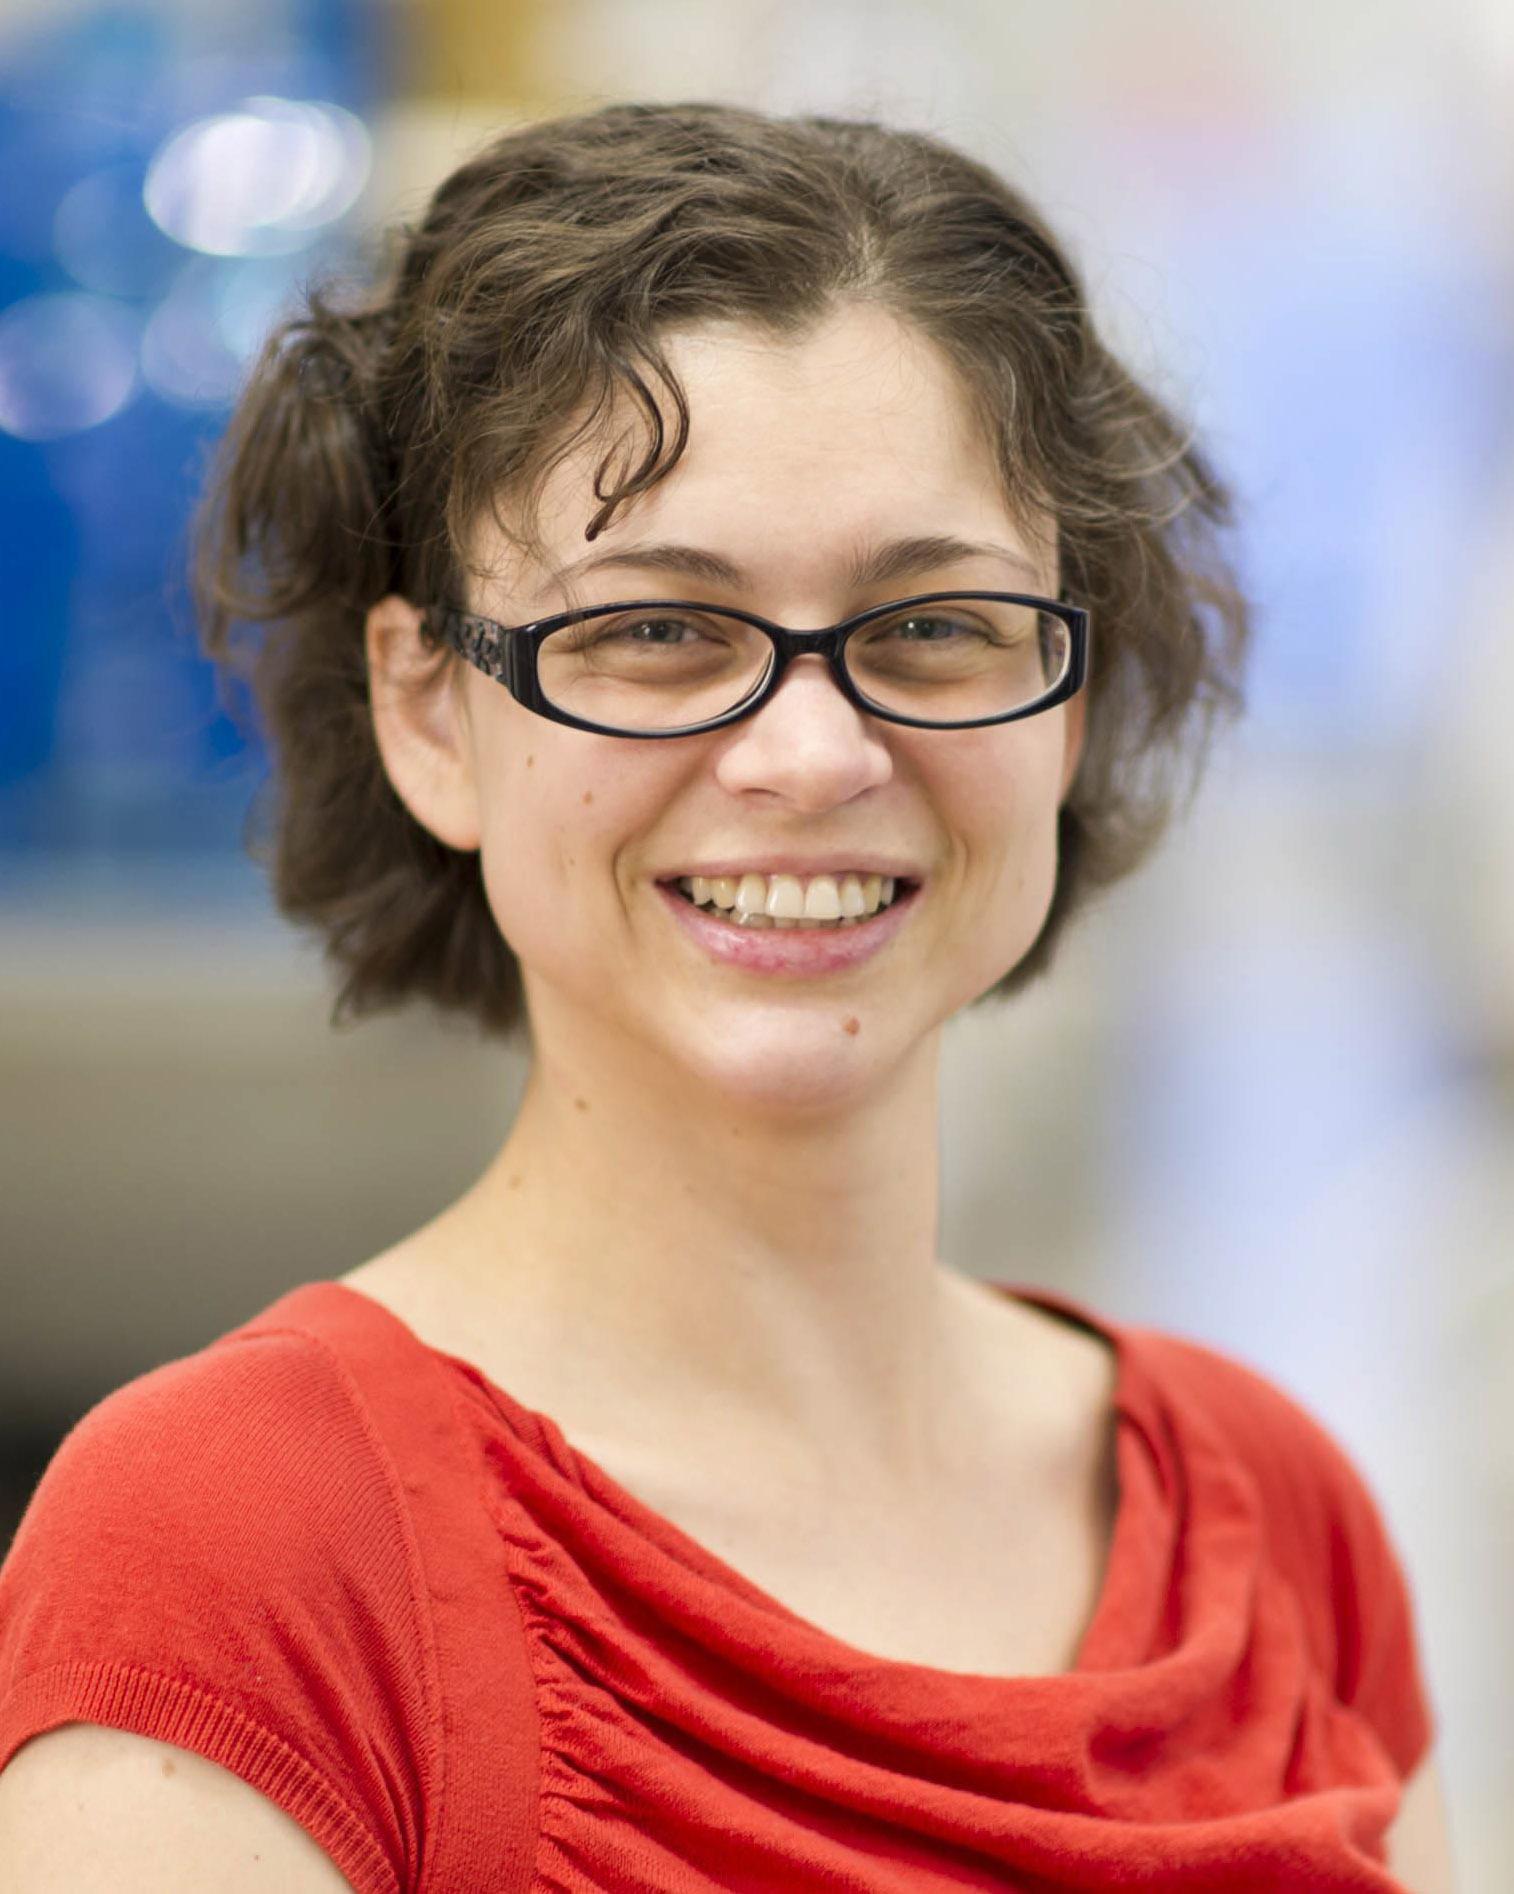 Olga Guryanova